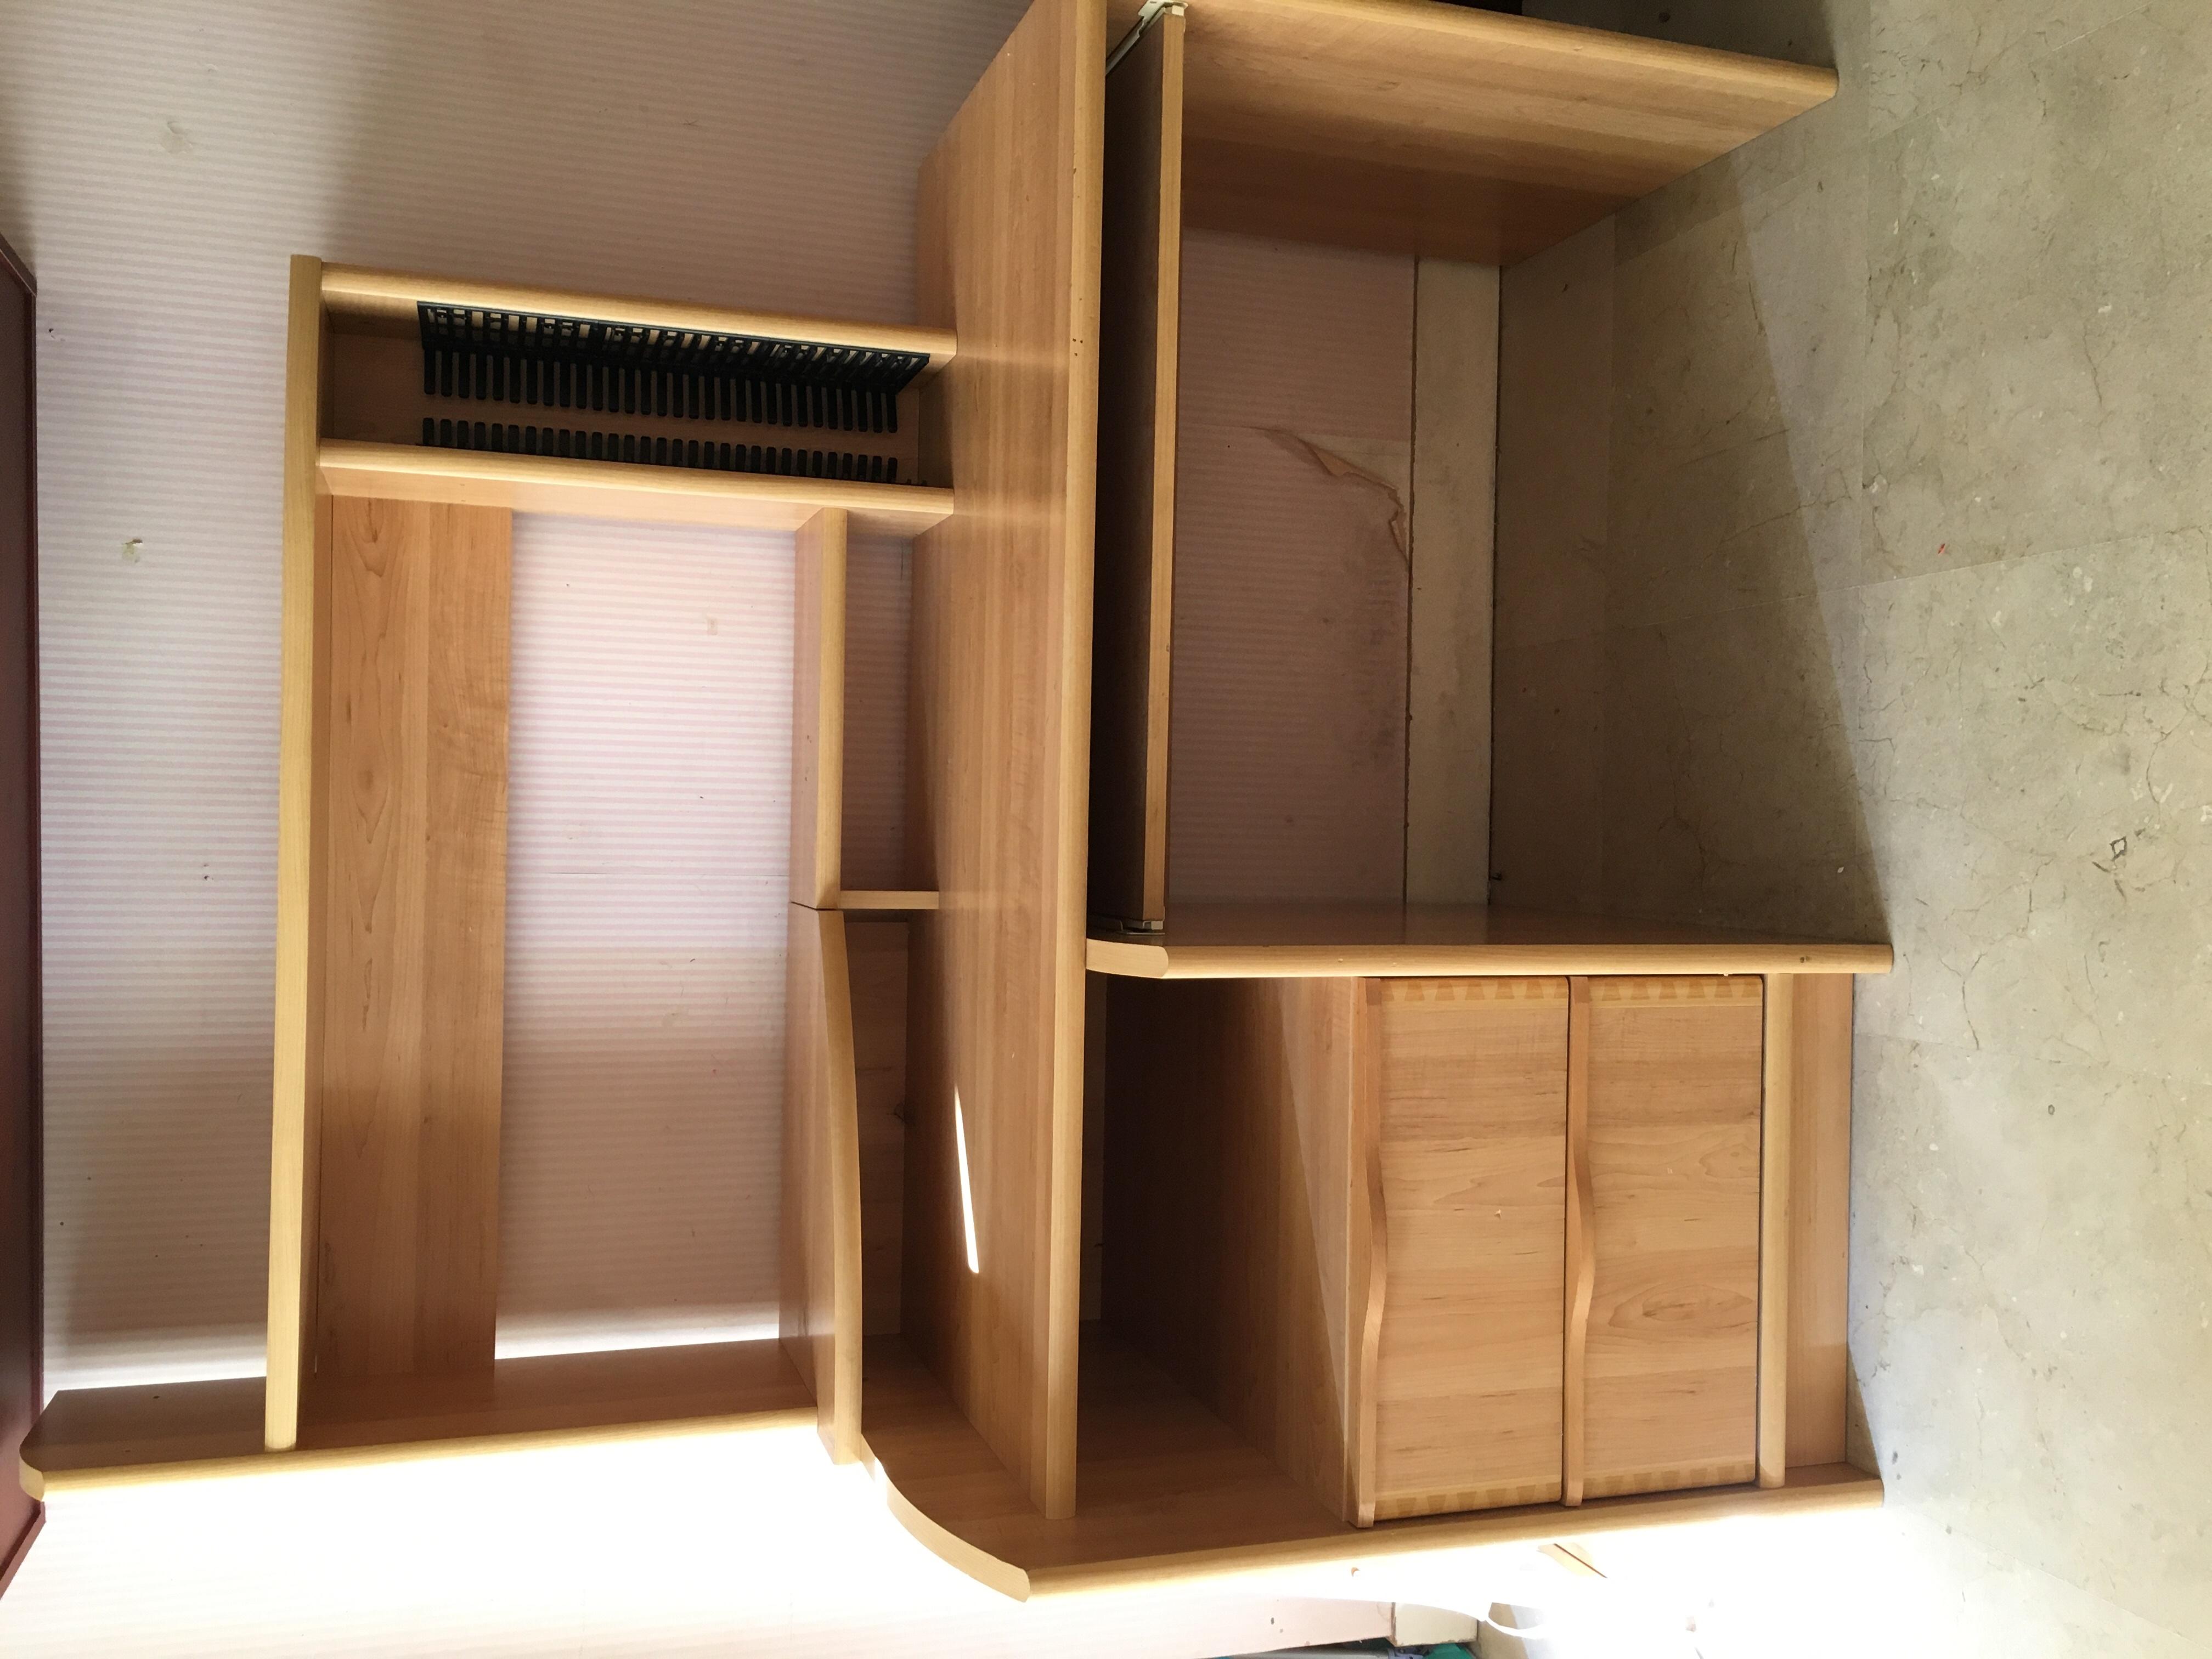 don bureau en bois clair occasion annonce neuilly sur seine 92 wb152253202. Black Bedroom Furniture Sets. Home Design Ideas